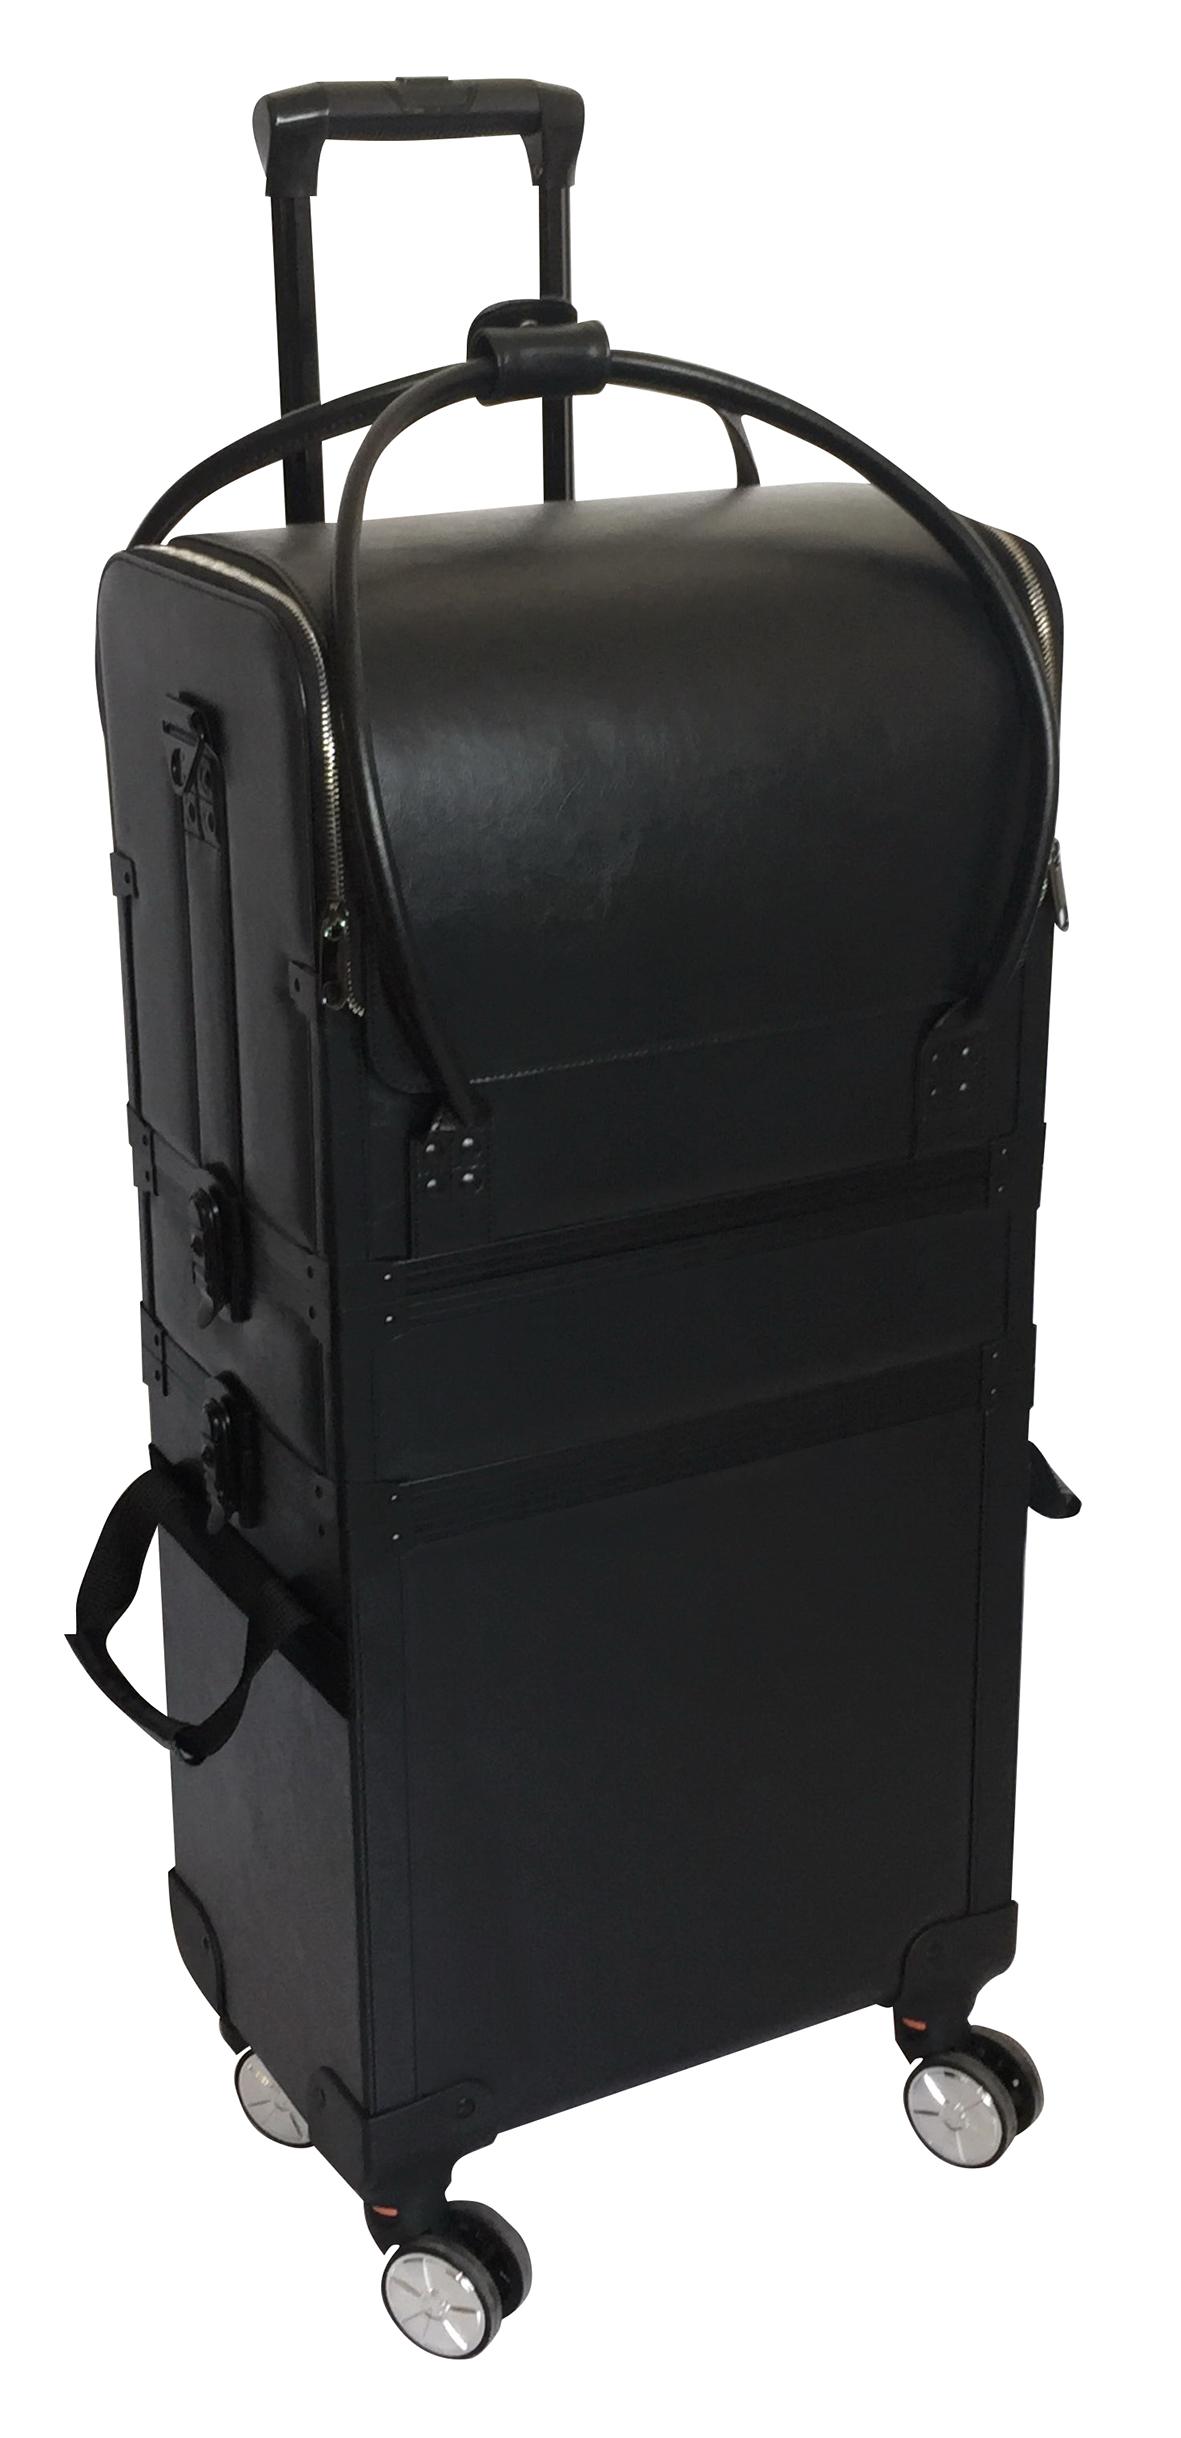 WZK Duo, sz 36x23,5x75cm auf Rollen m. abnehmb. Tasche Werkzeugkoffer Alu